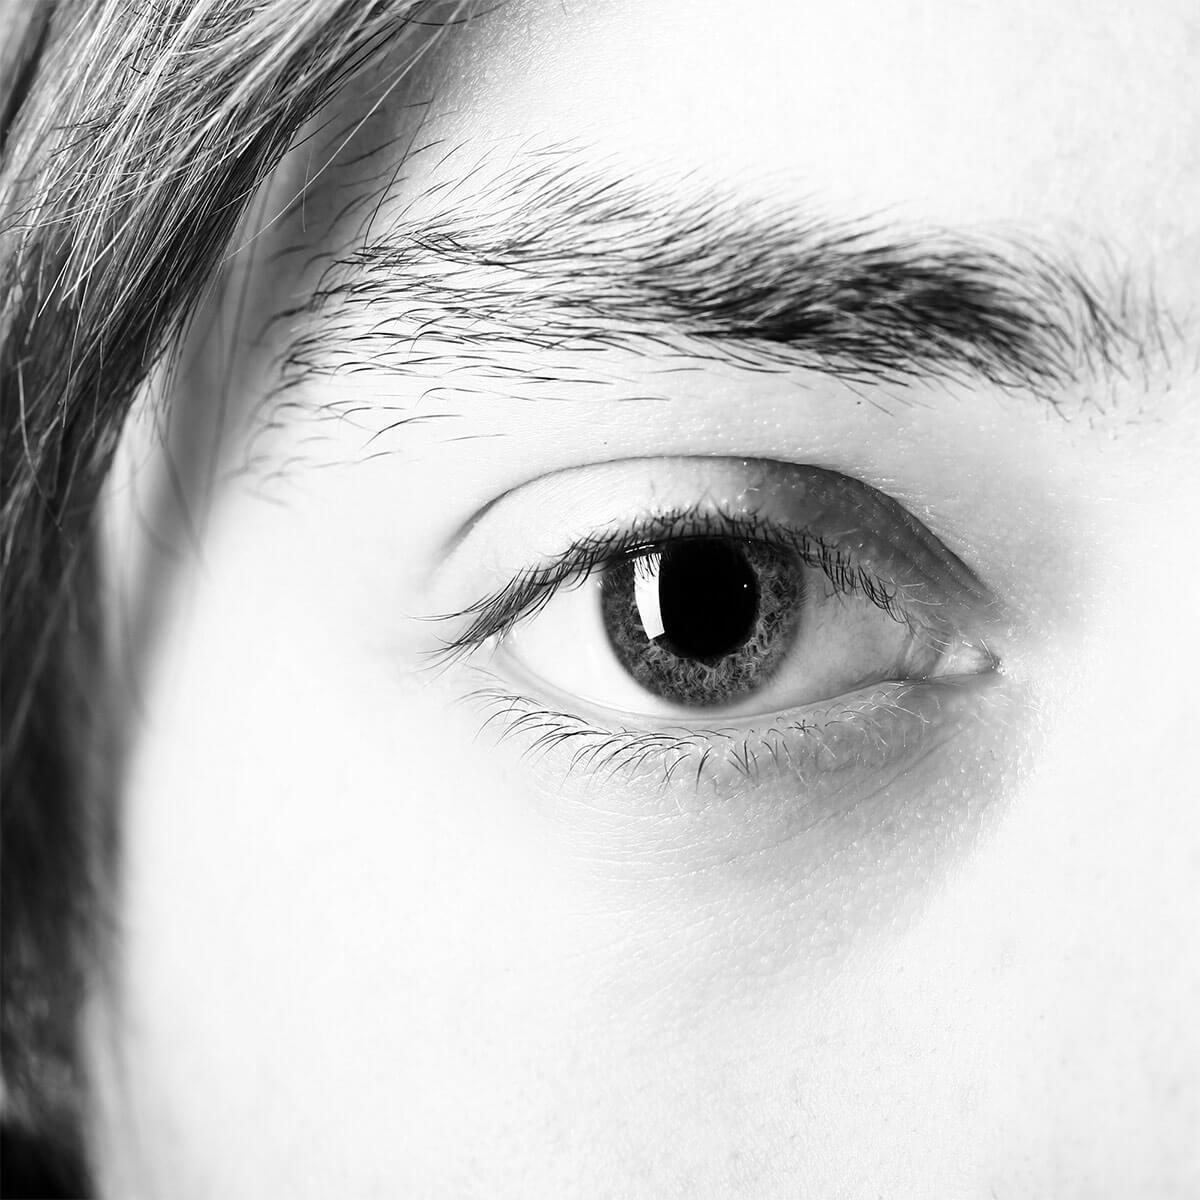 眉毛でお困りの男性必見!メンズアートメイクサロンを選ぶ3つのポイント